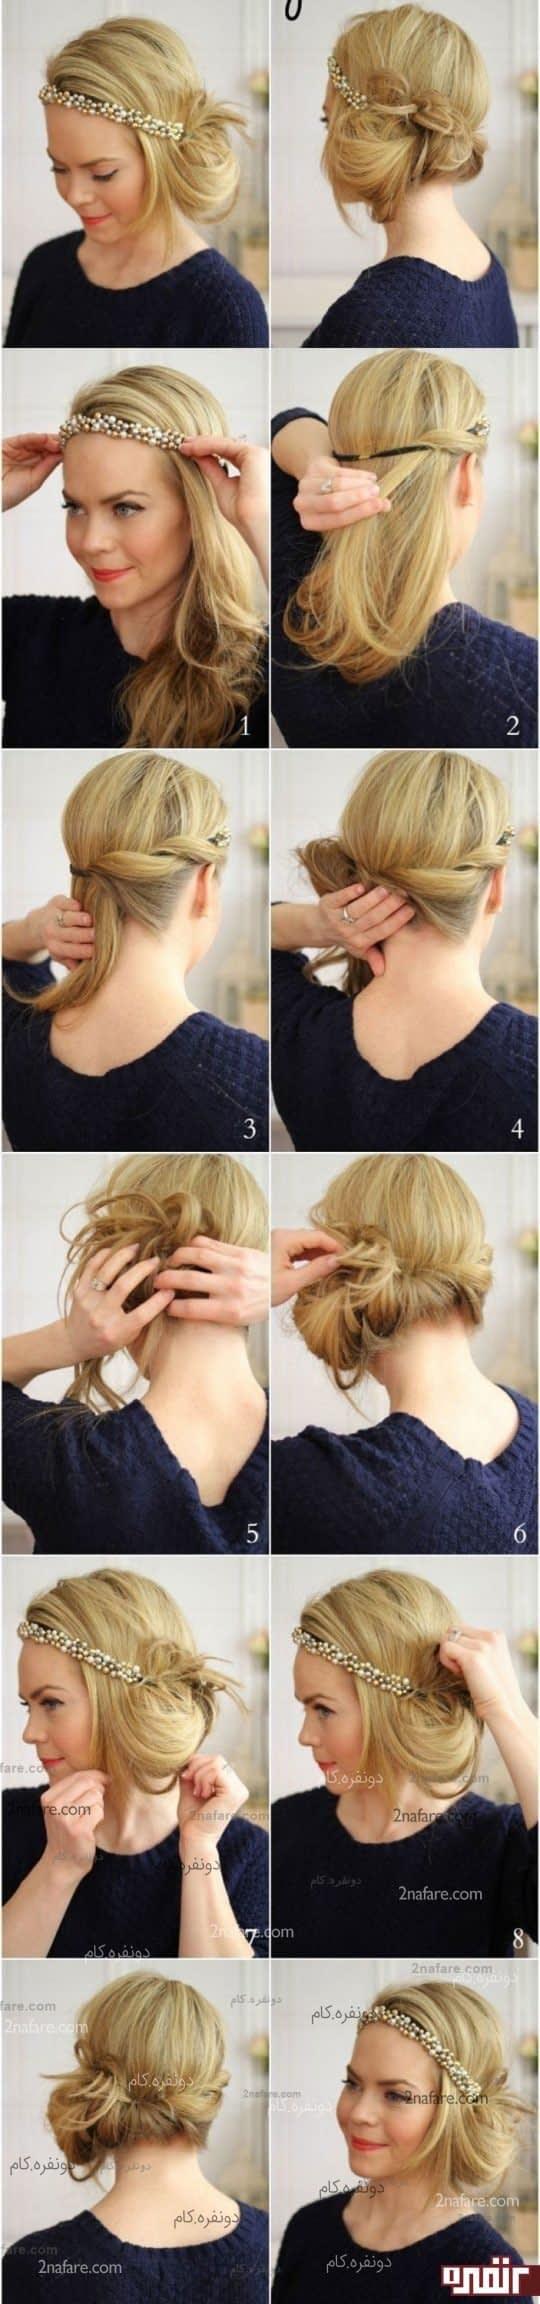 مدل موی یک طرفه به کمک هدبند